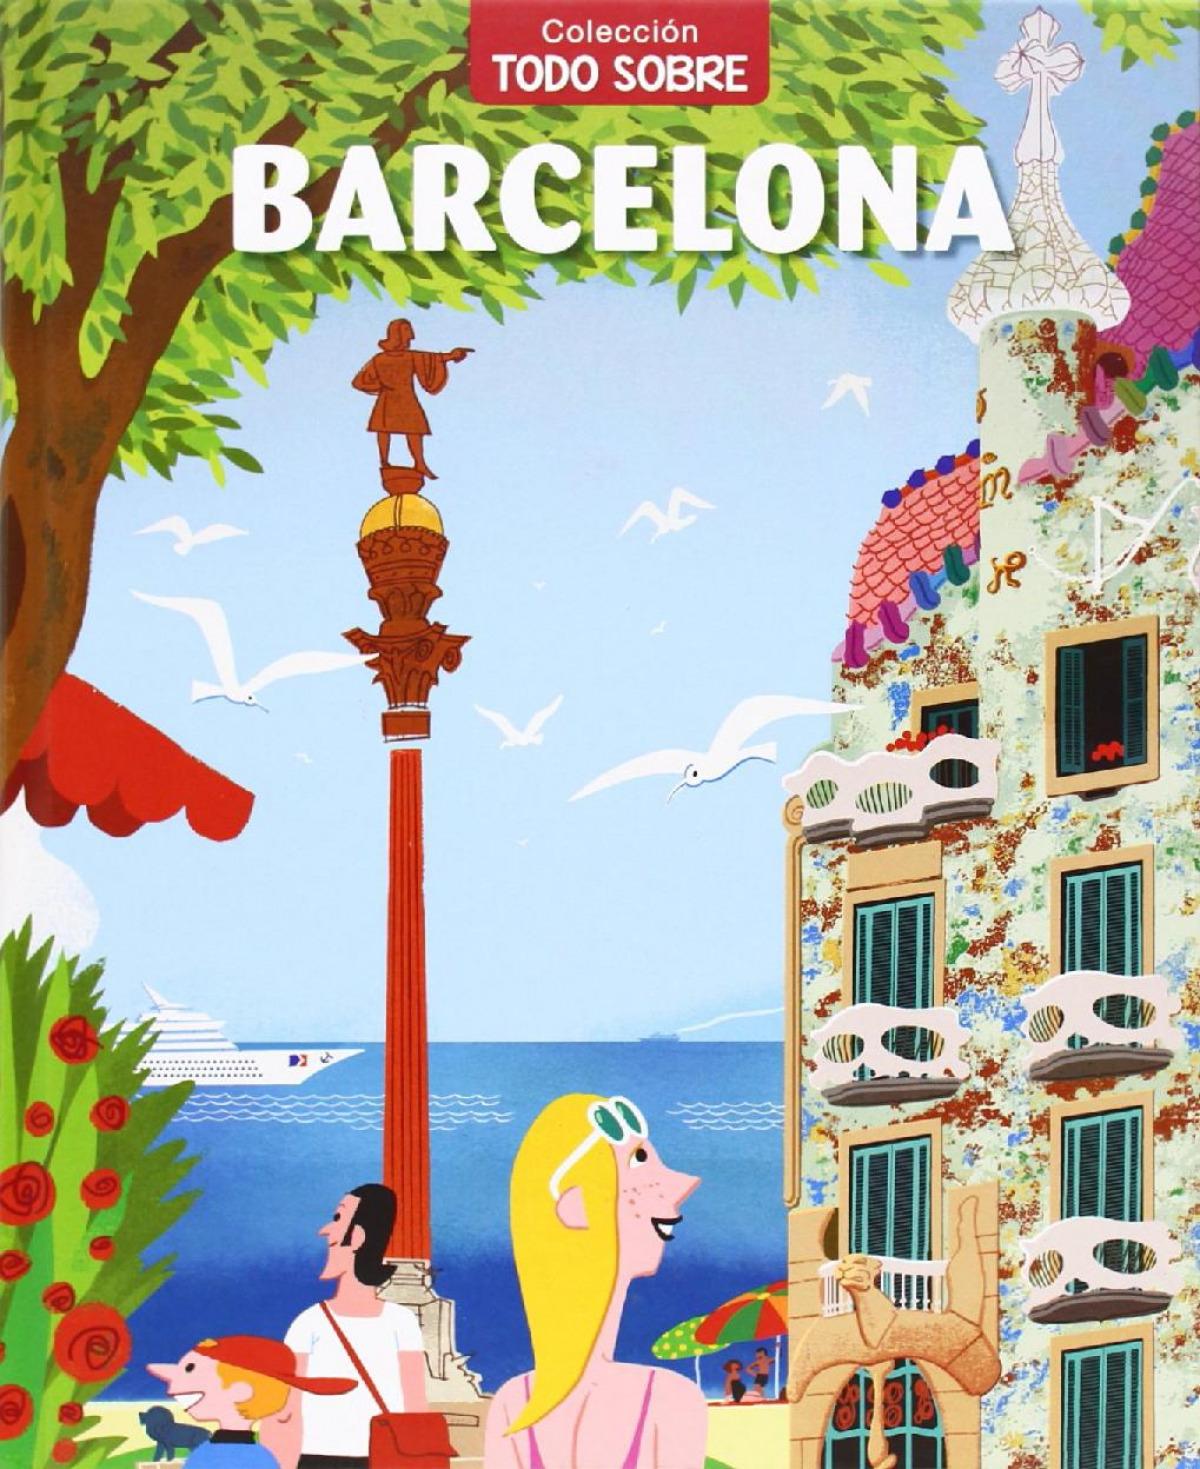 Todo Sobre, 2 Barcelona